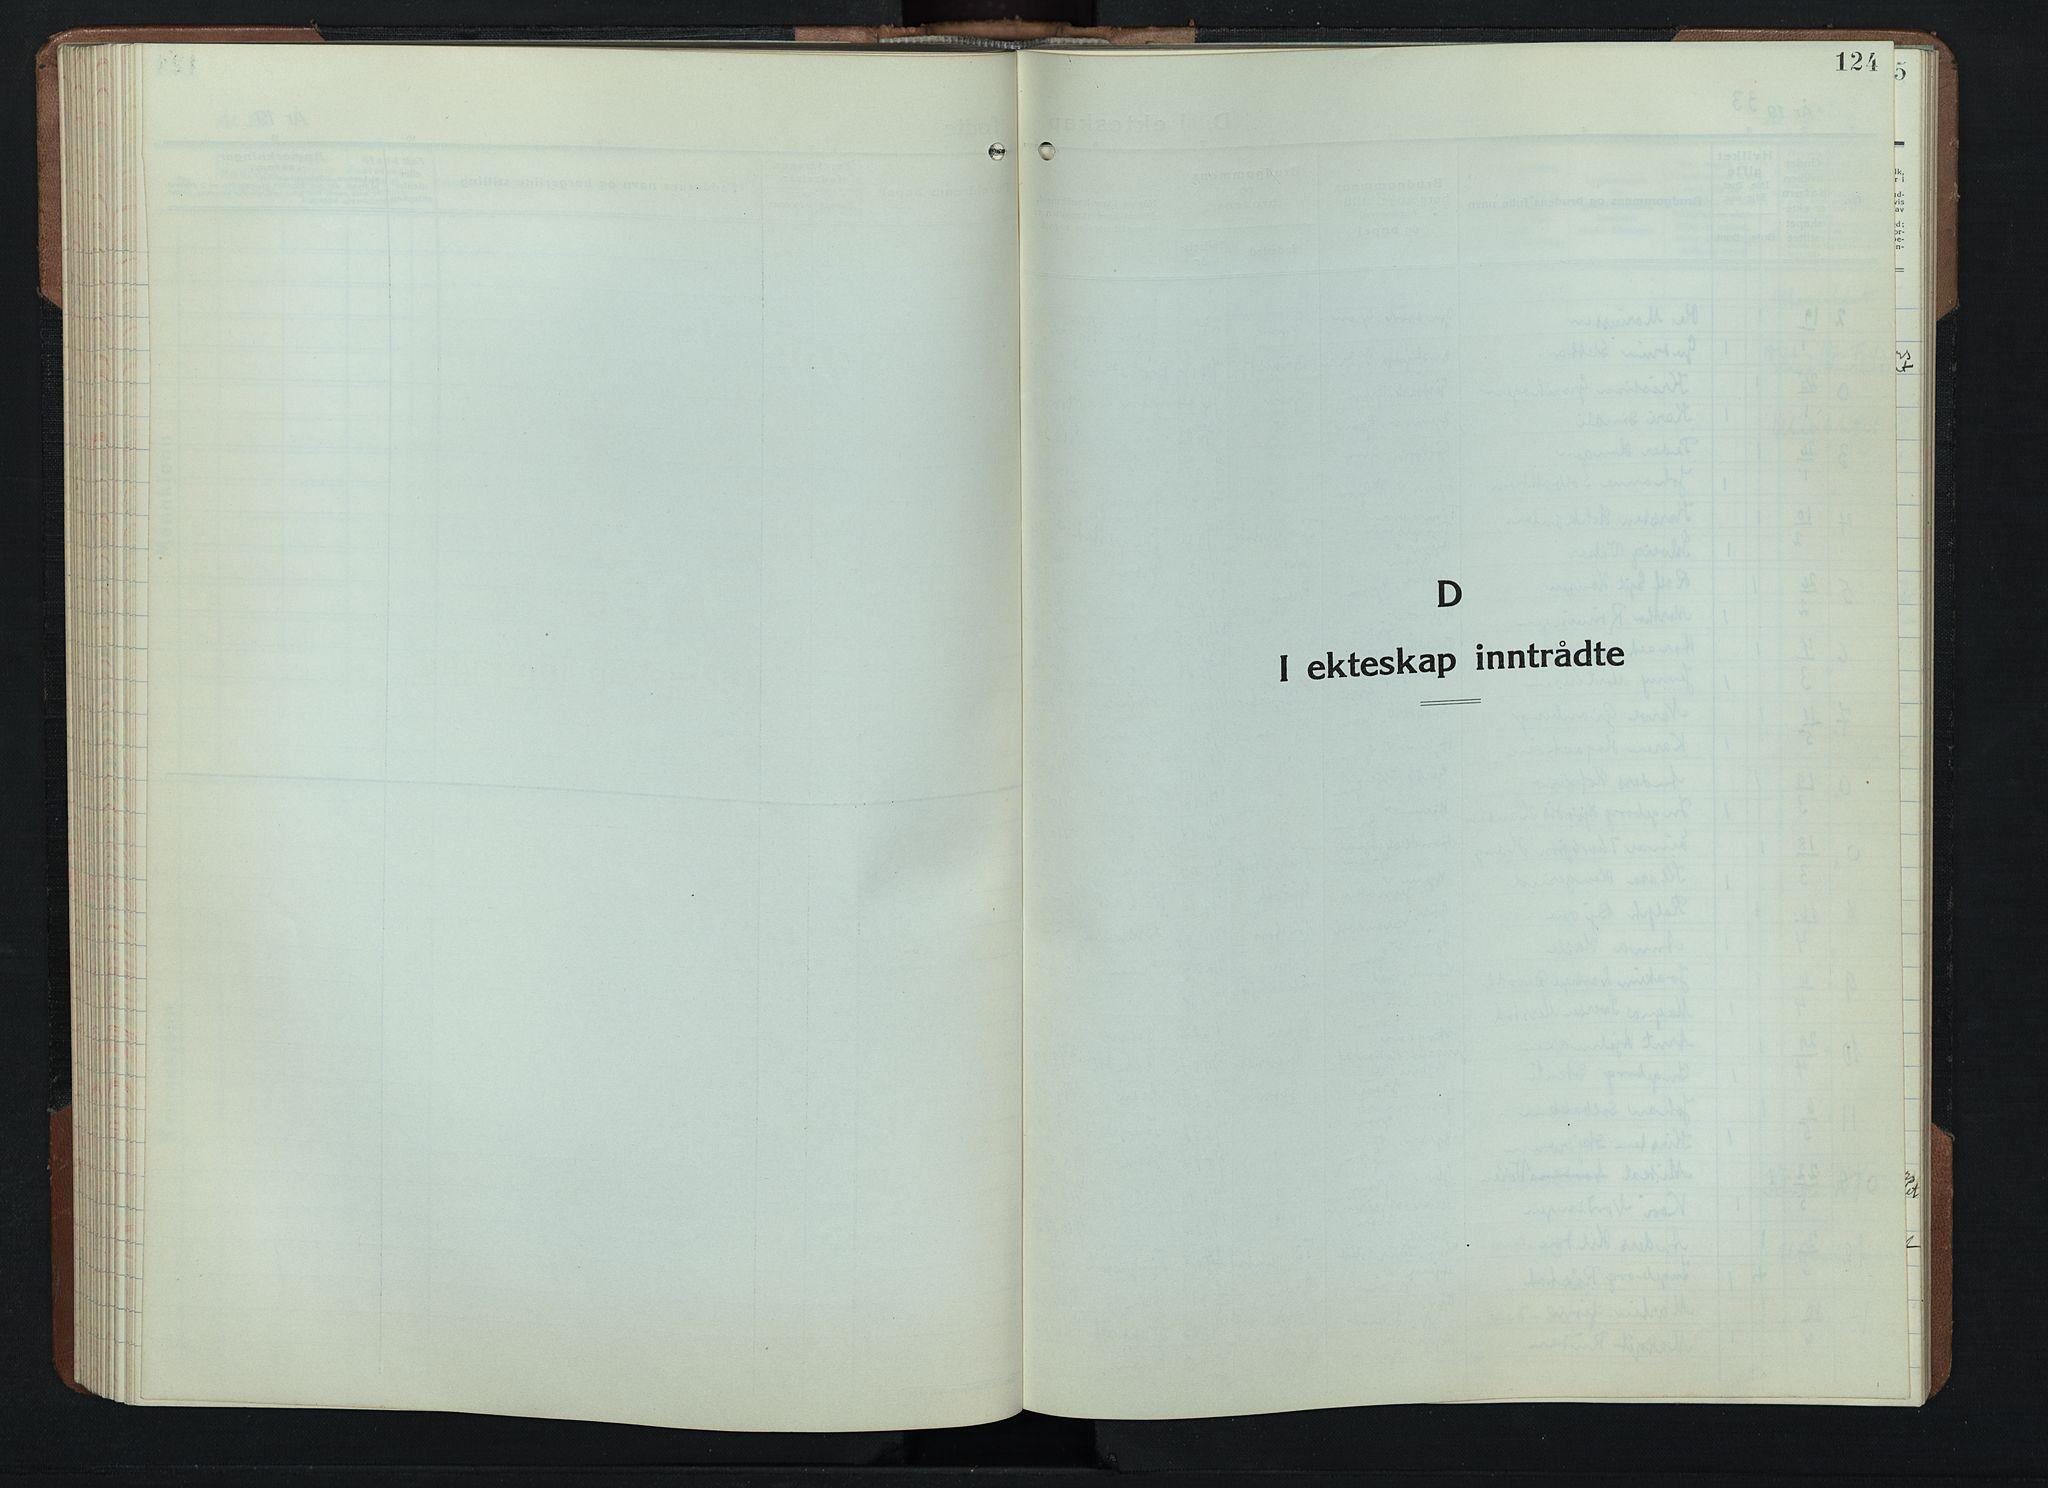 SAH, Gran prestekontor, Klokkerbok nr. 9, 1933-1950, s. 124